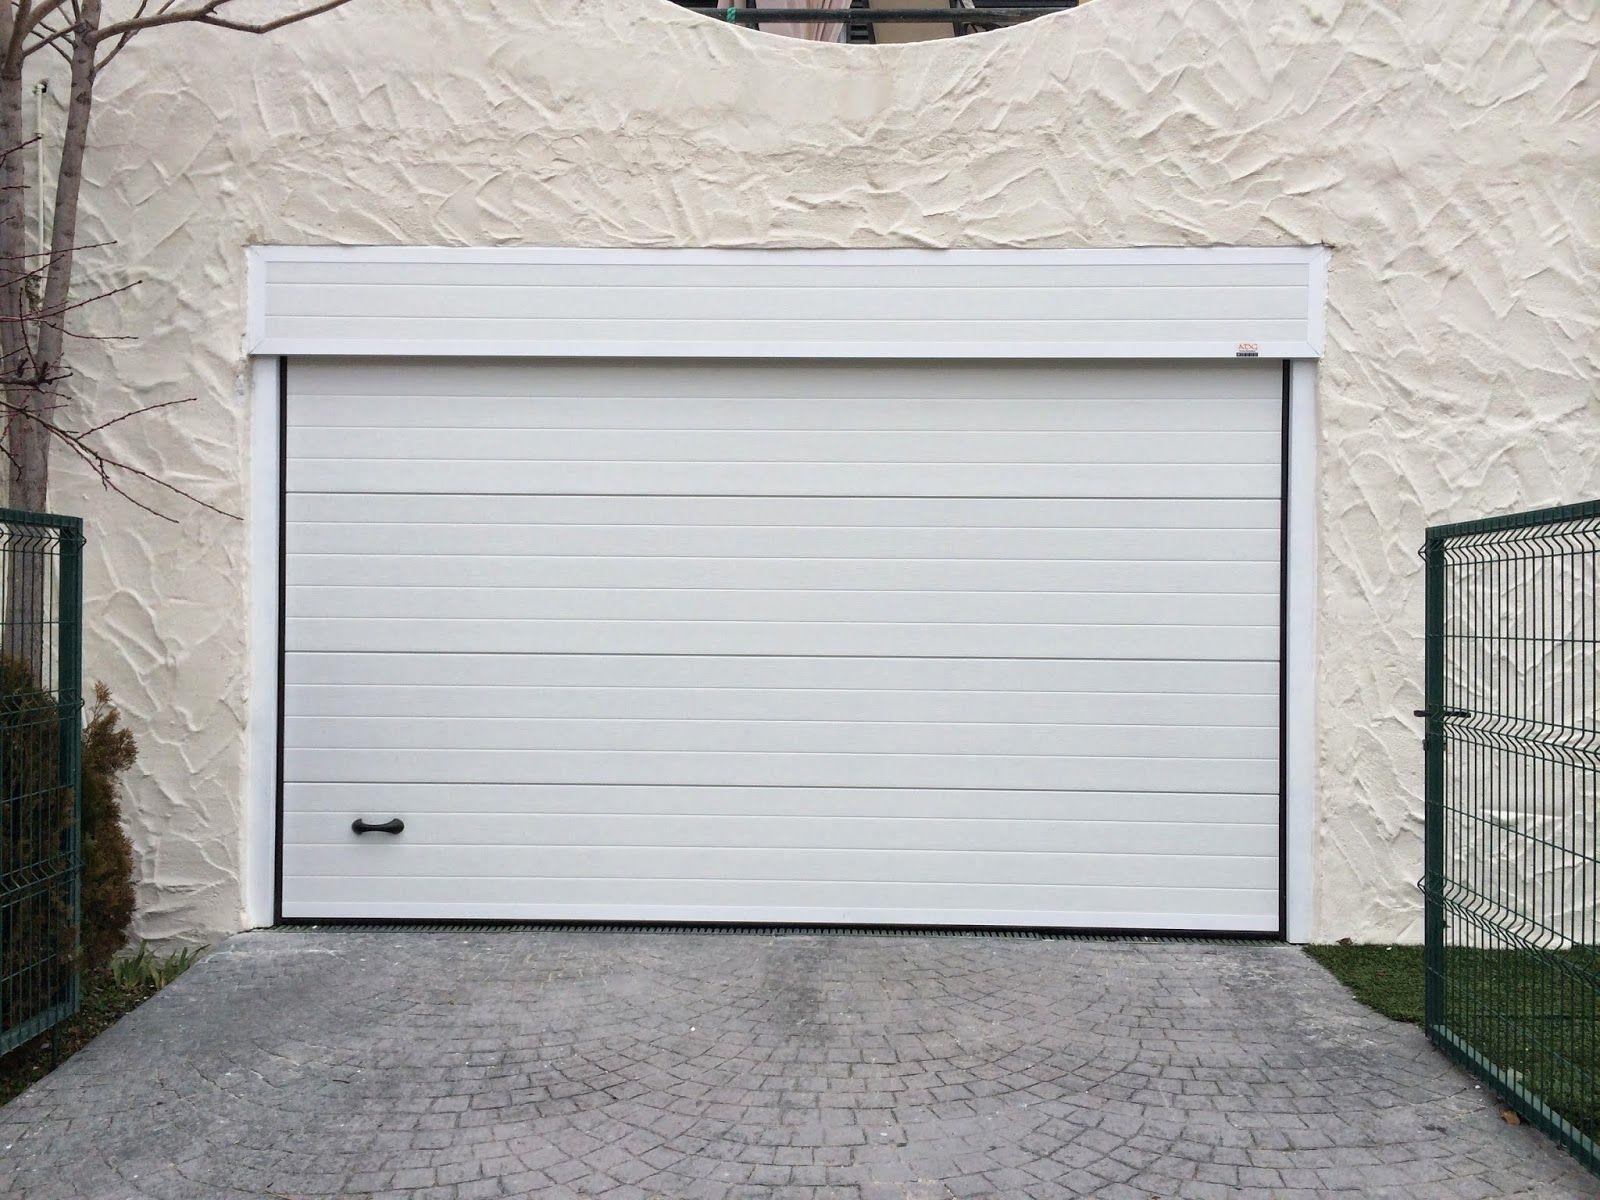 Instalamos puertas seccionales, automatizamos cualquier tipo de puerta